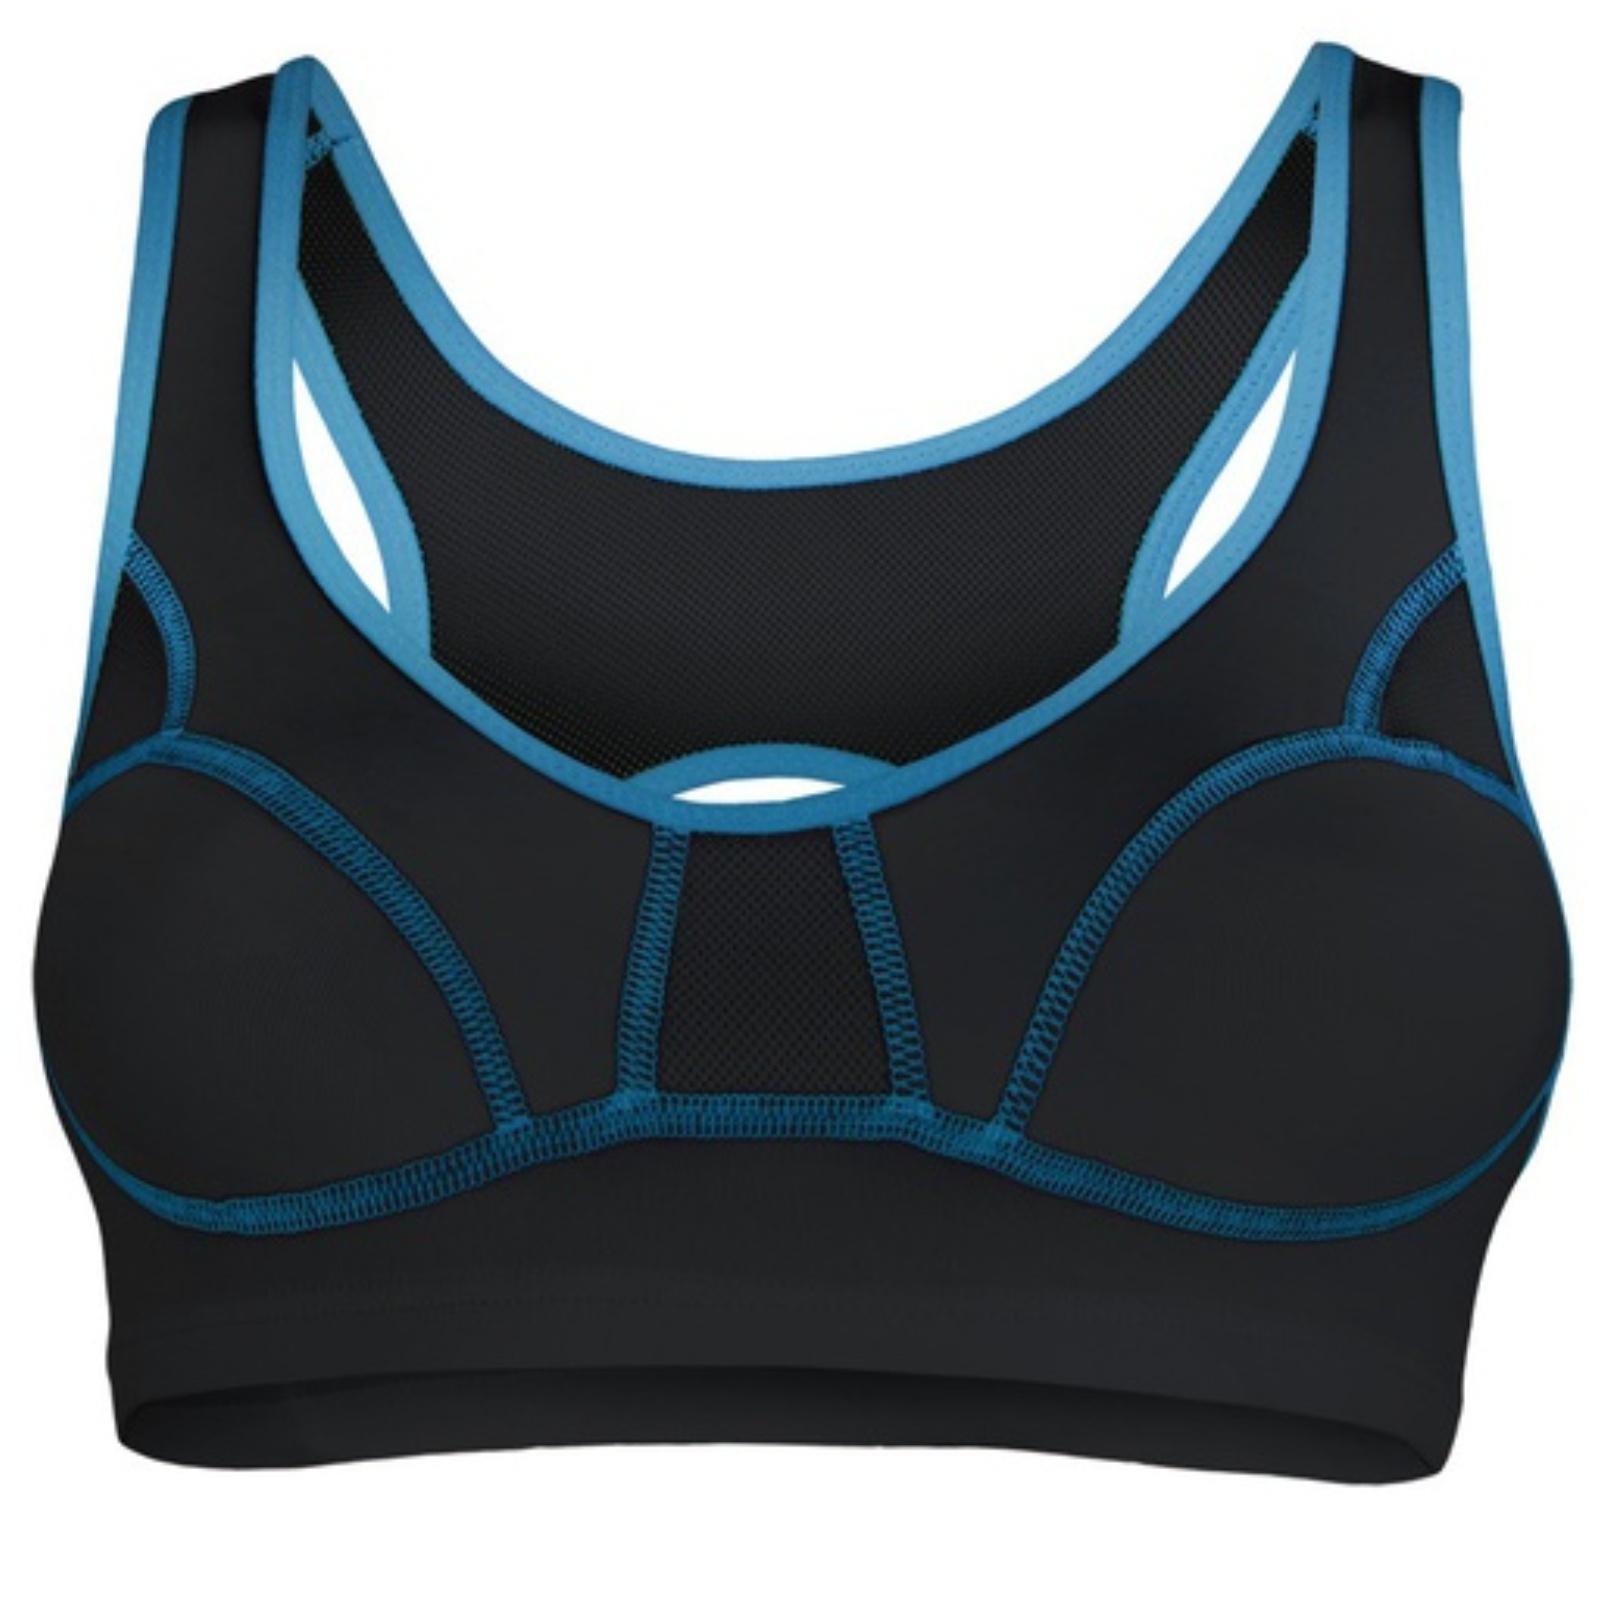 Sportovní podprsenka SENSOR Lissa černo-modrá vel. 85C